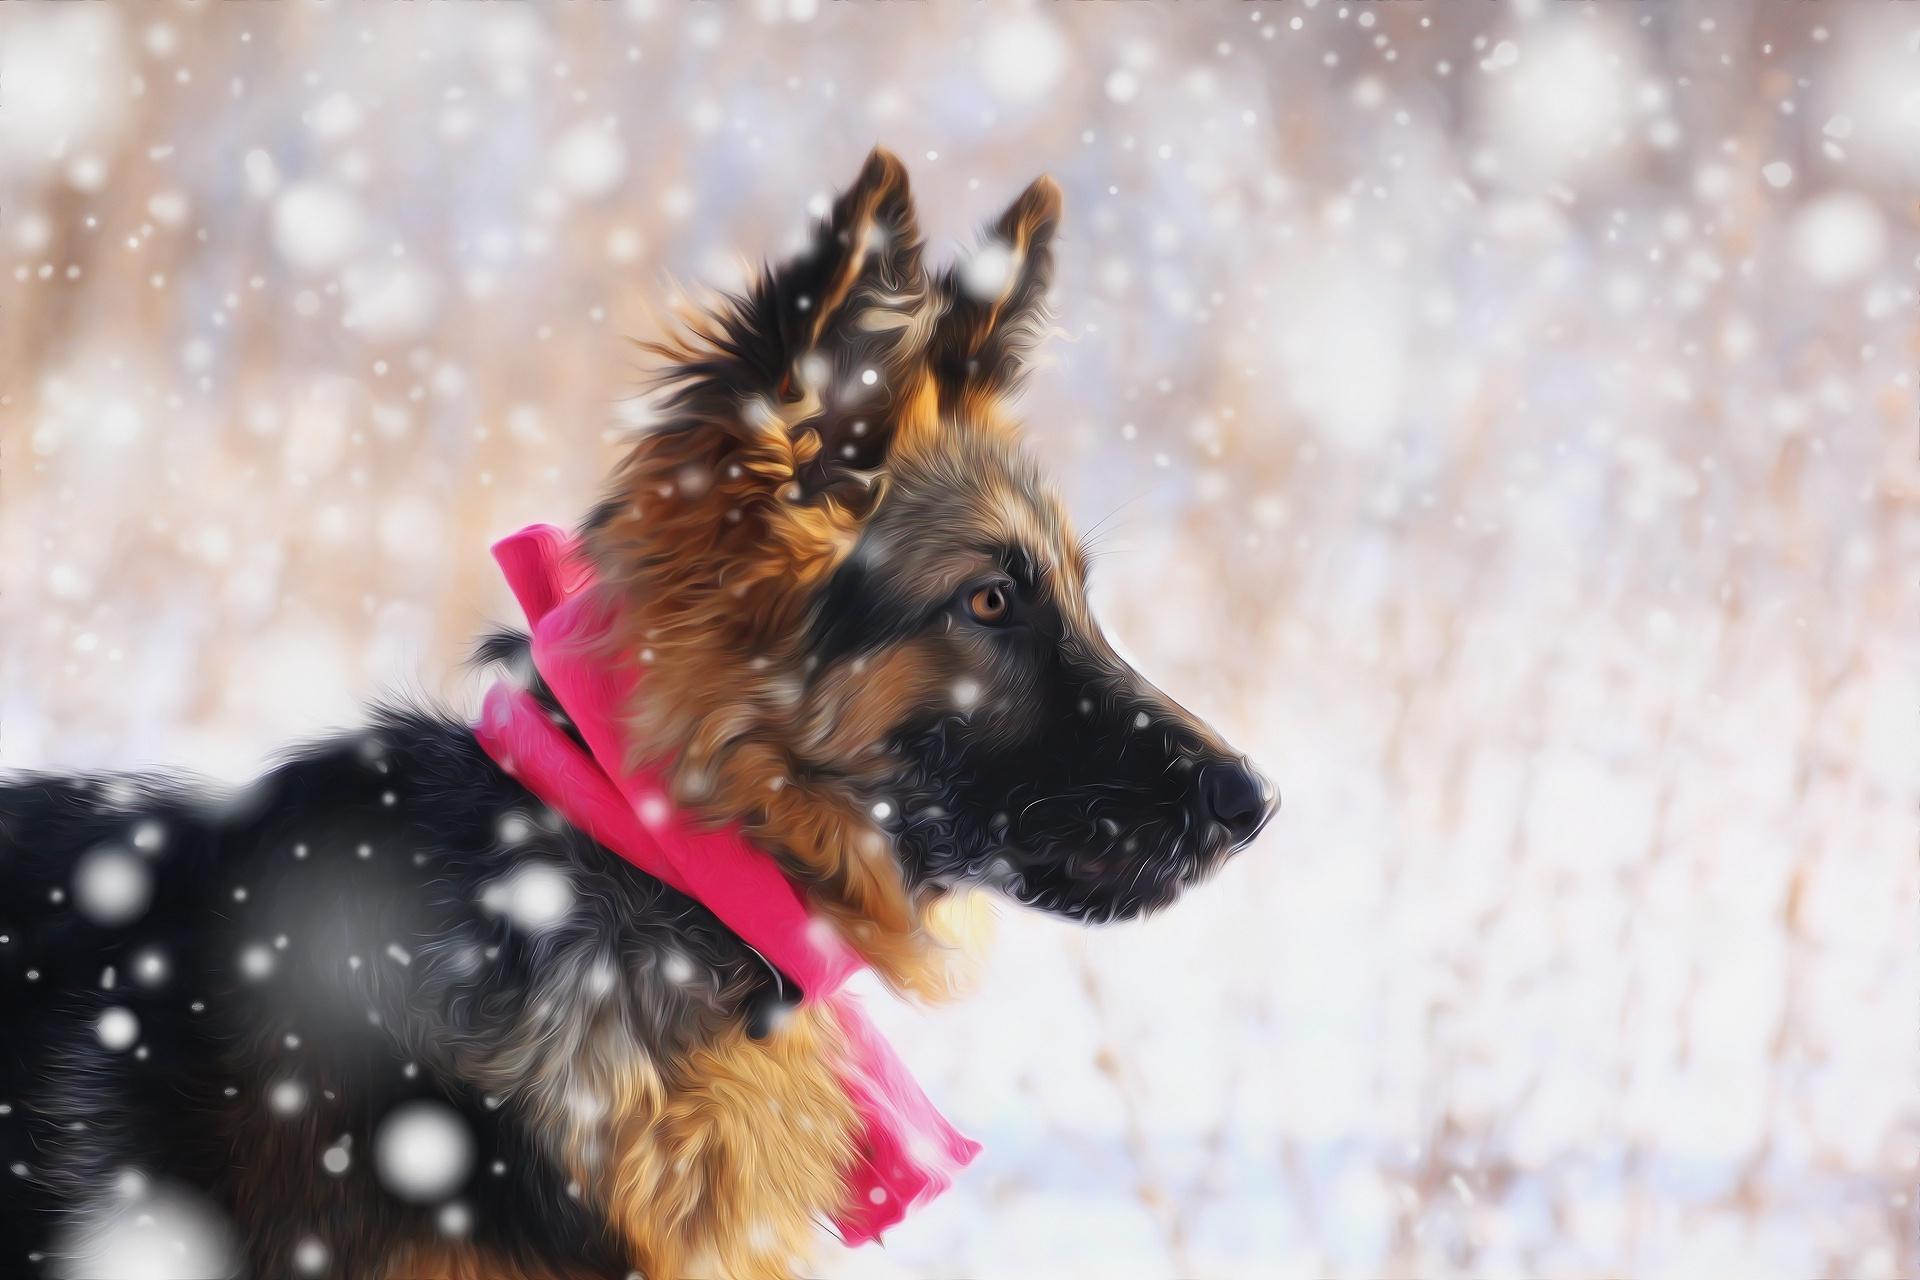 Овчарка в снегу  № 836445 бесплатно